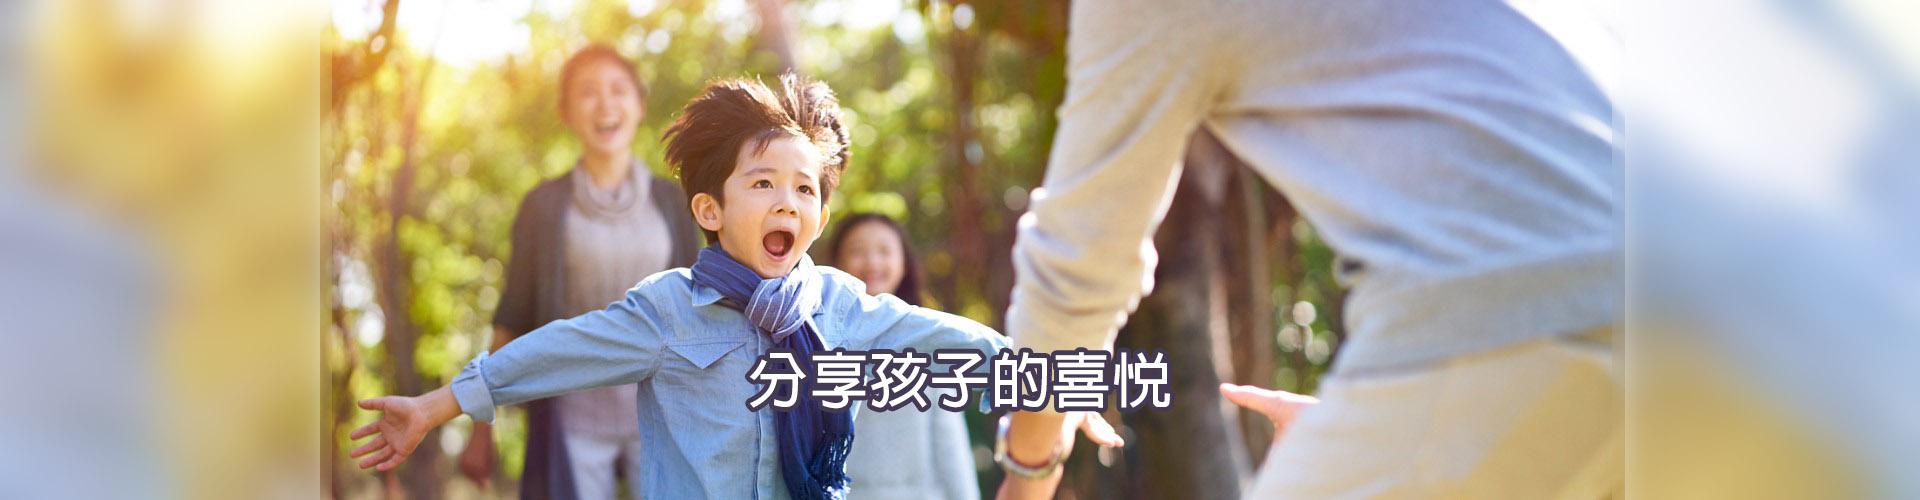 分享孩子的喜悅